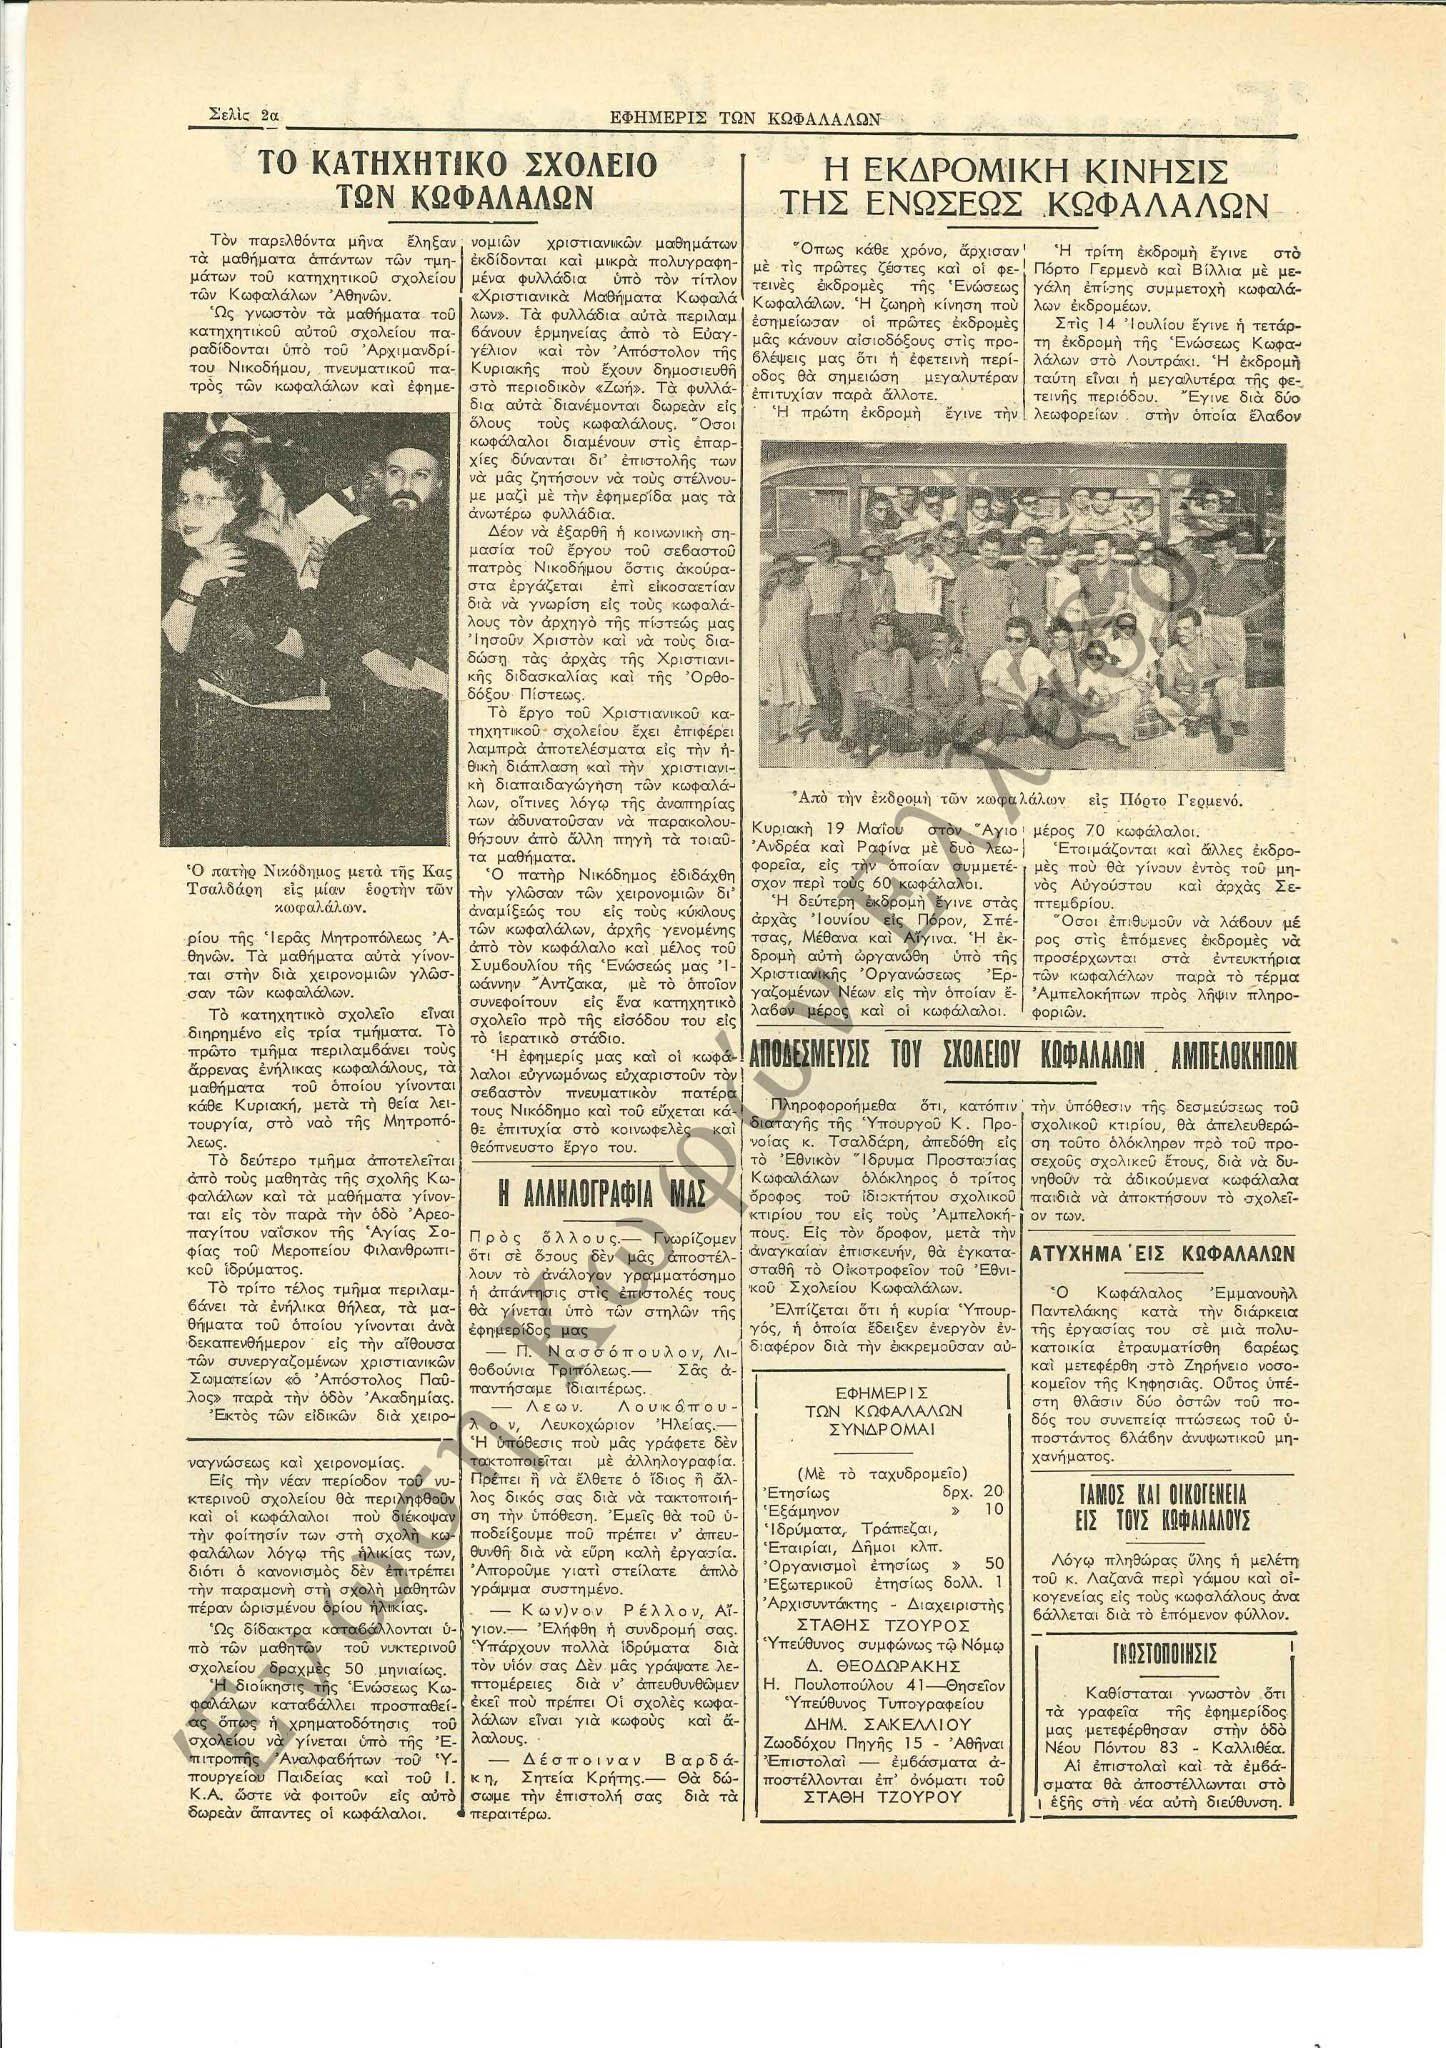 Εφημερίς των Κωφαλάλων 1957-Αύγουστος 2